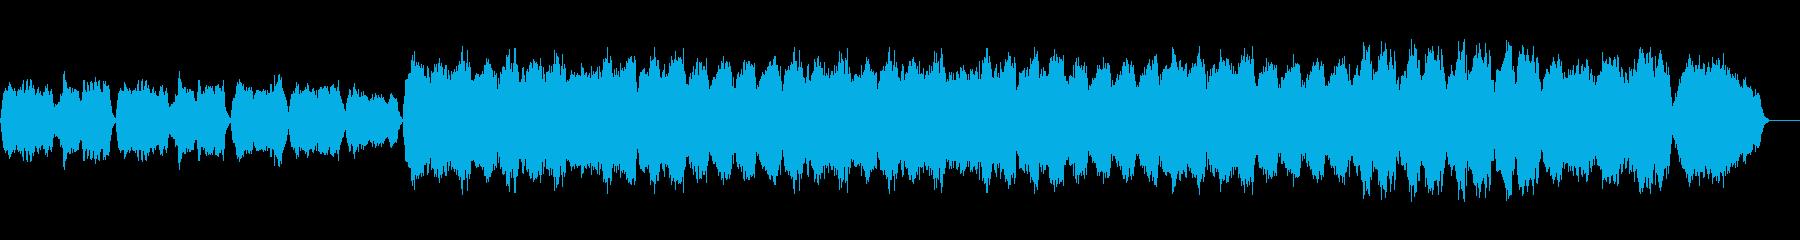 バグパイプのしっとりした楽曲の再生済みの波形